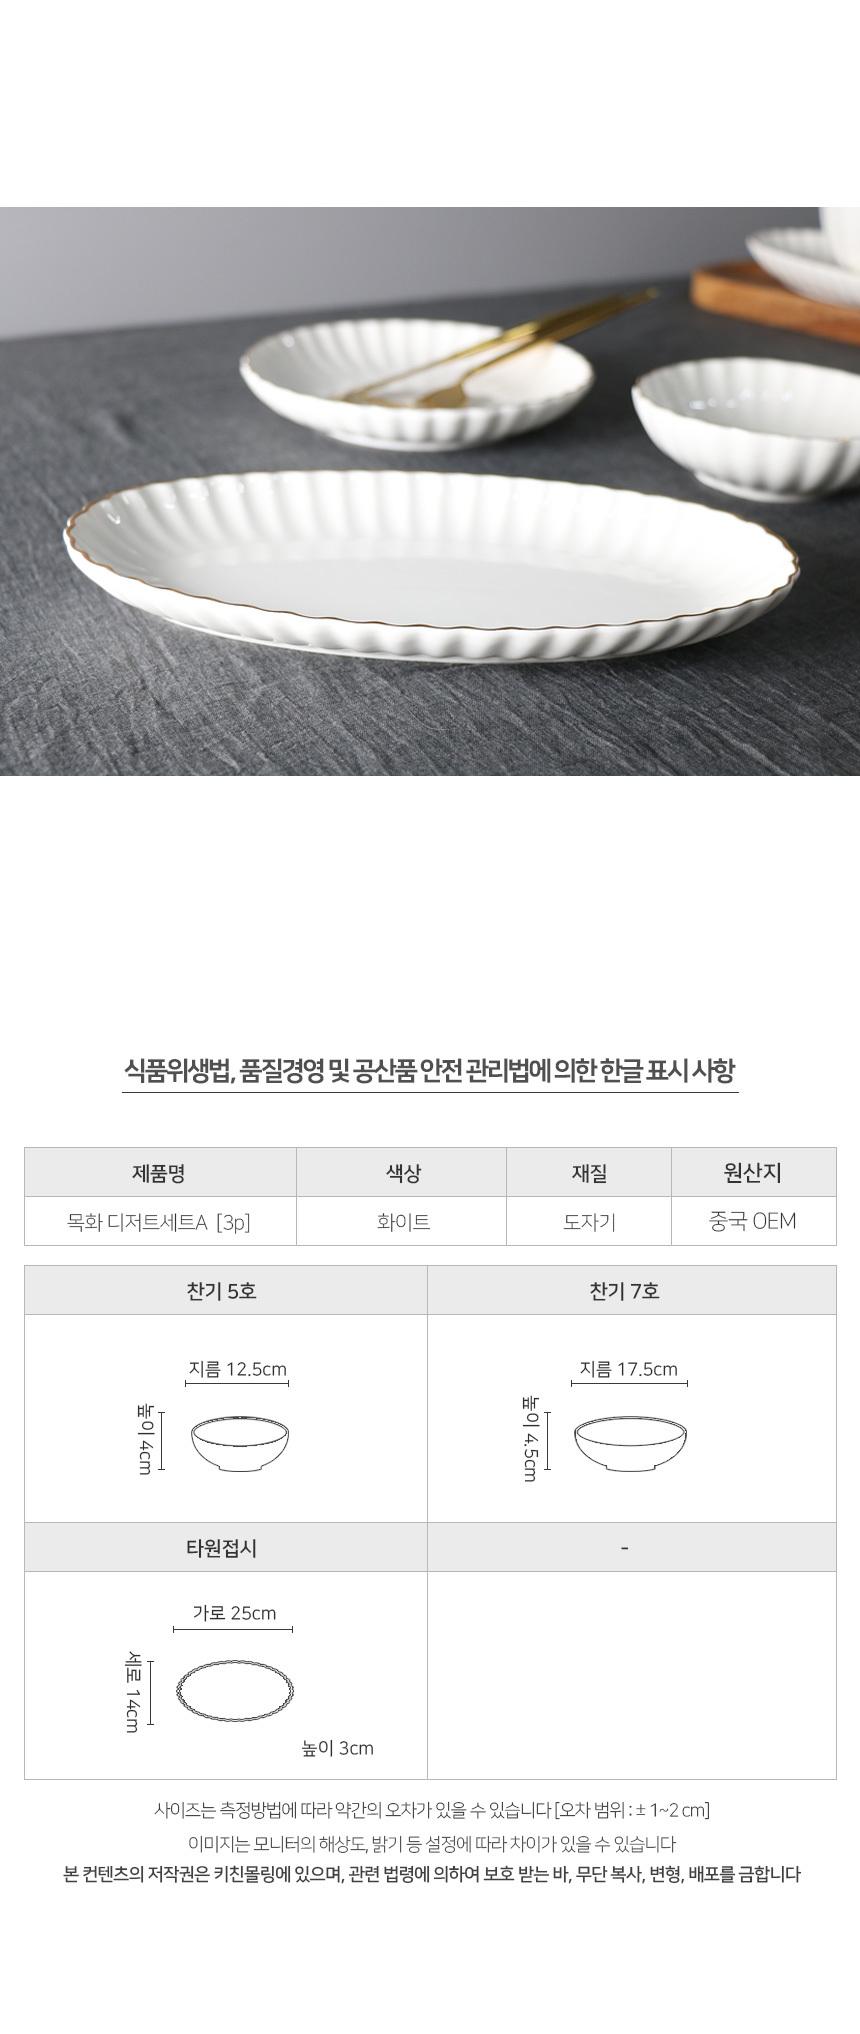 코튼 디저트 세트 A 3P - 키친몰링, 25,900원, 식기홈세트, 1인세트